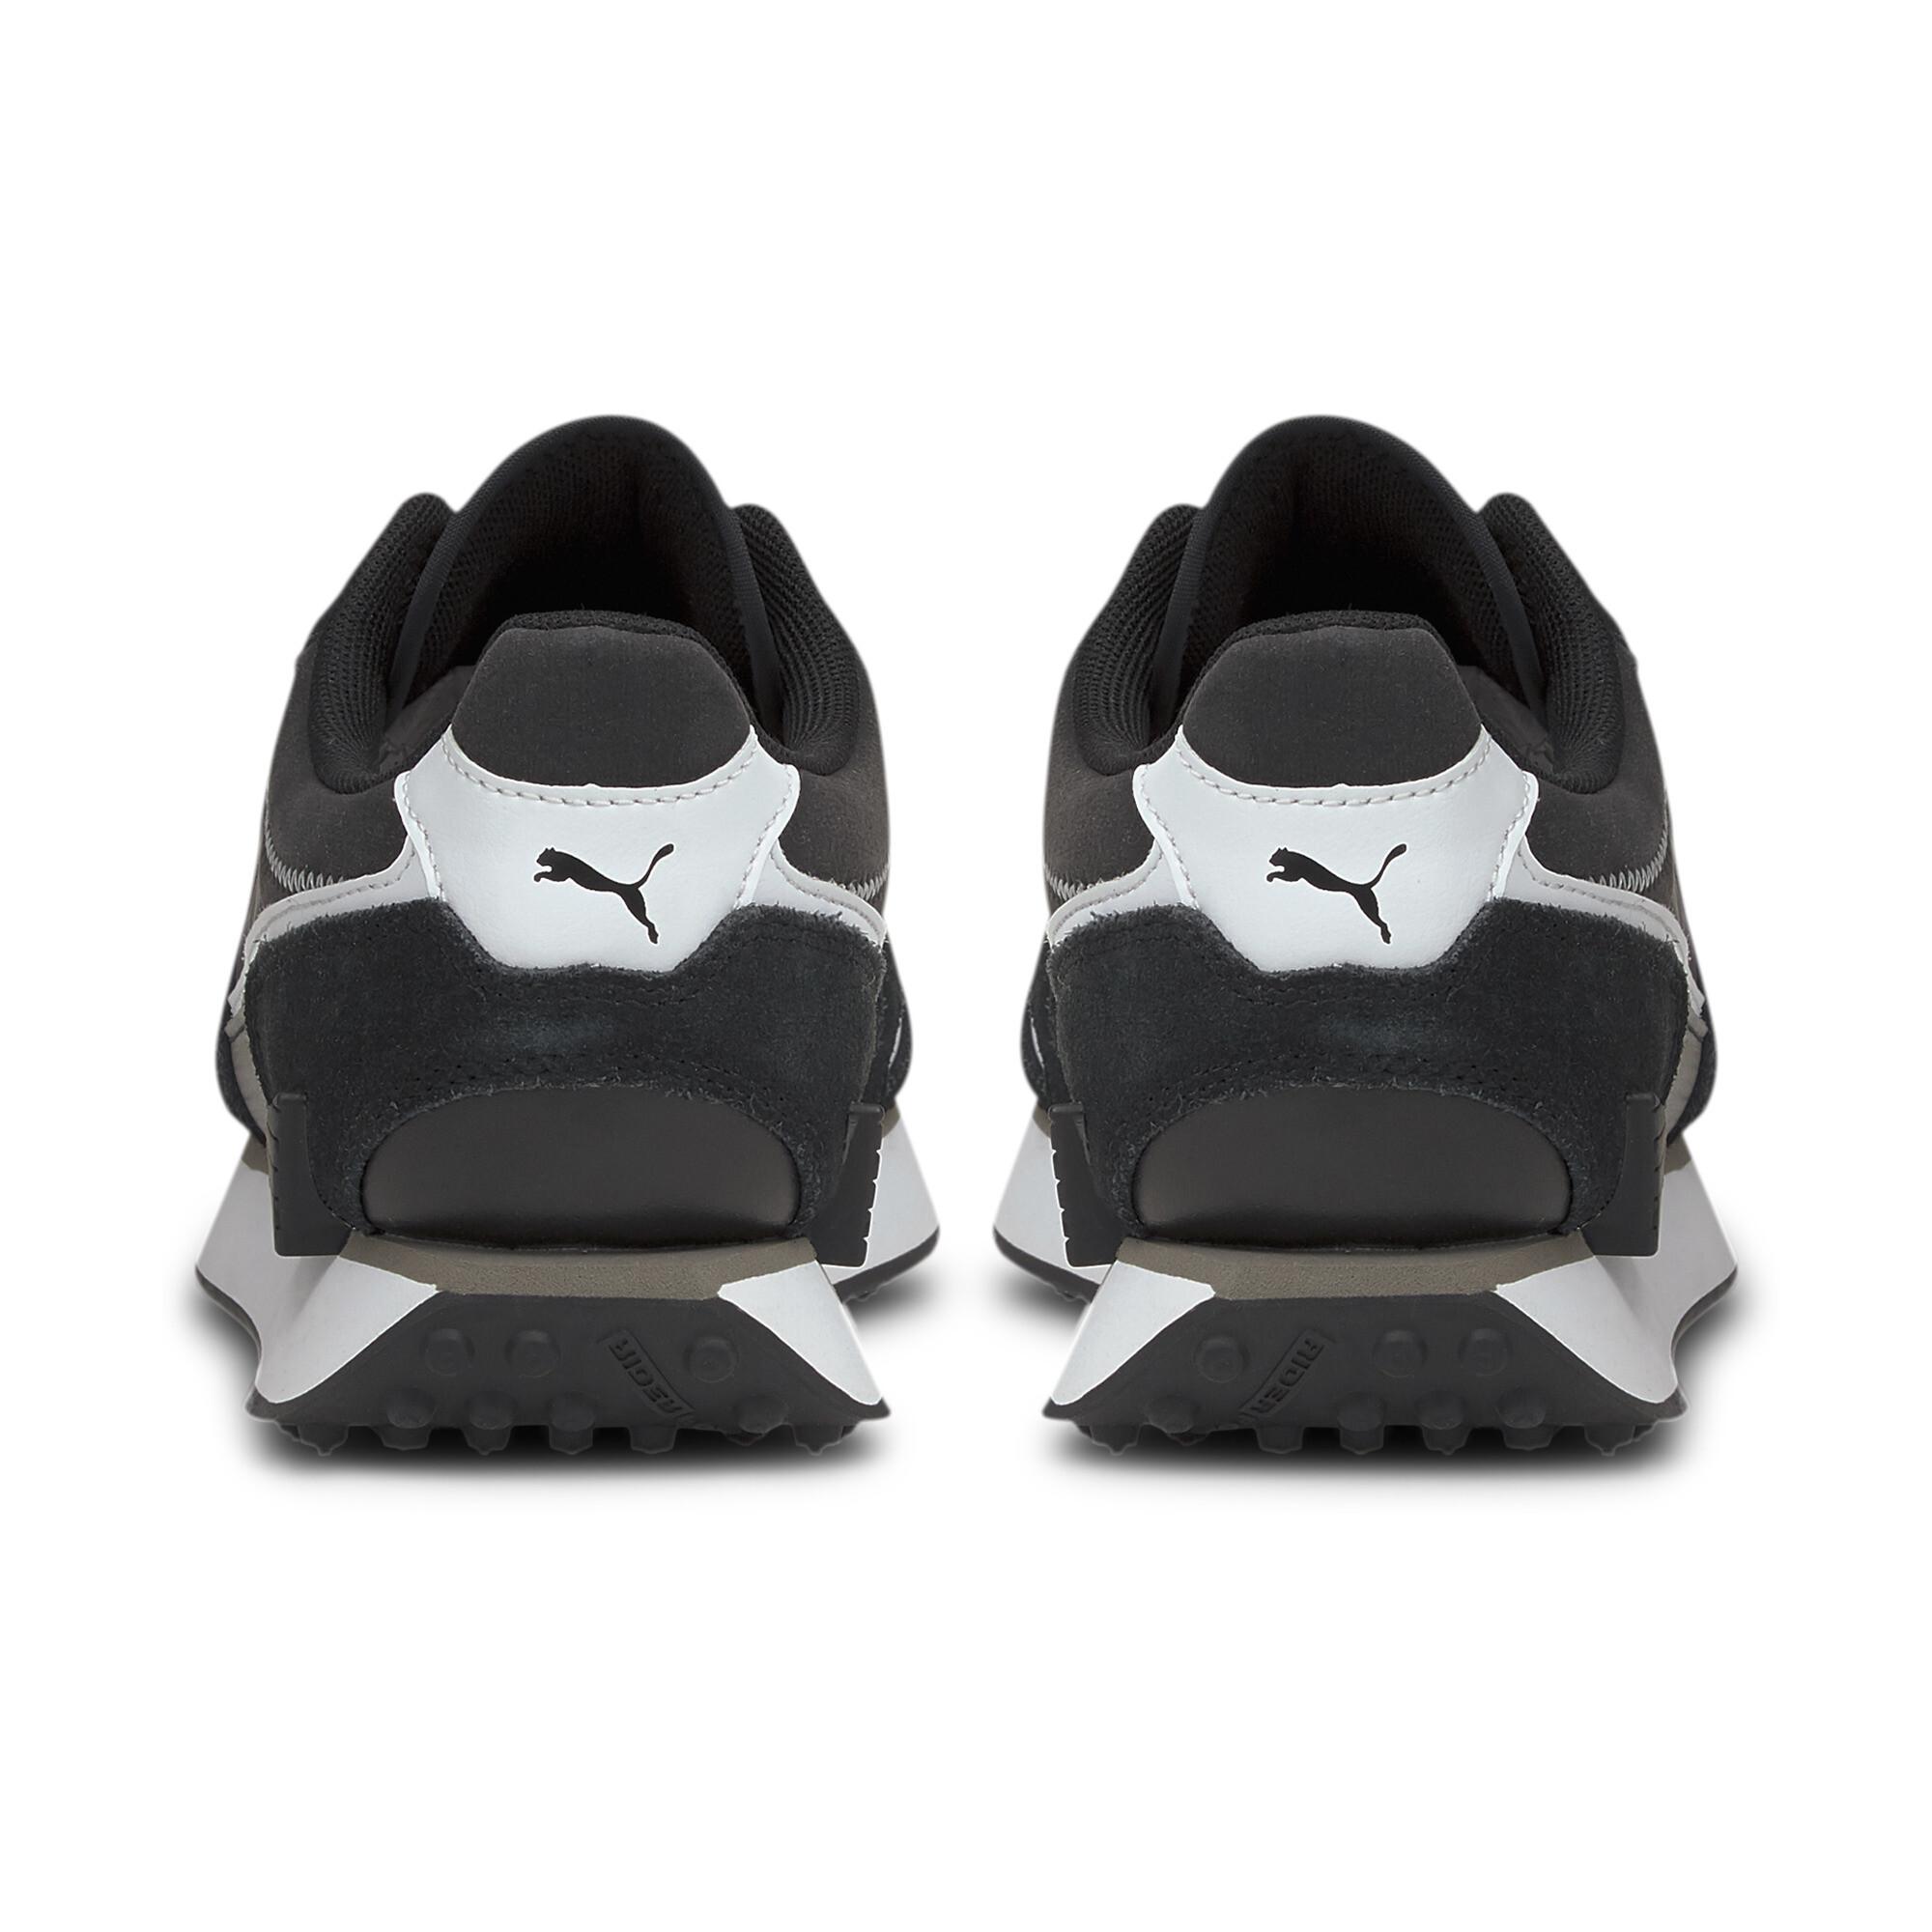 Indexbild 15 - PUMA Mile Rider Chrome Desert Damen Sneaker Frauen Schuhe Neu